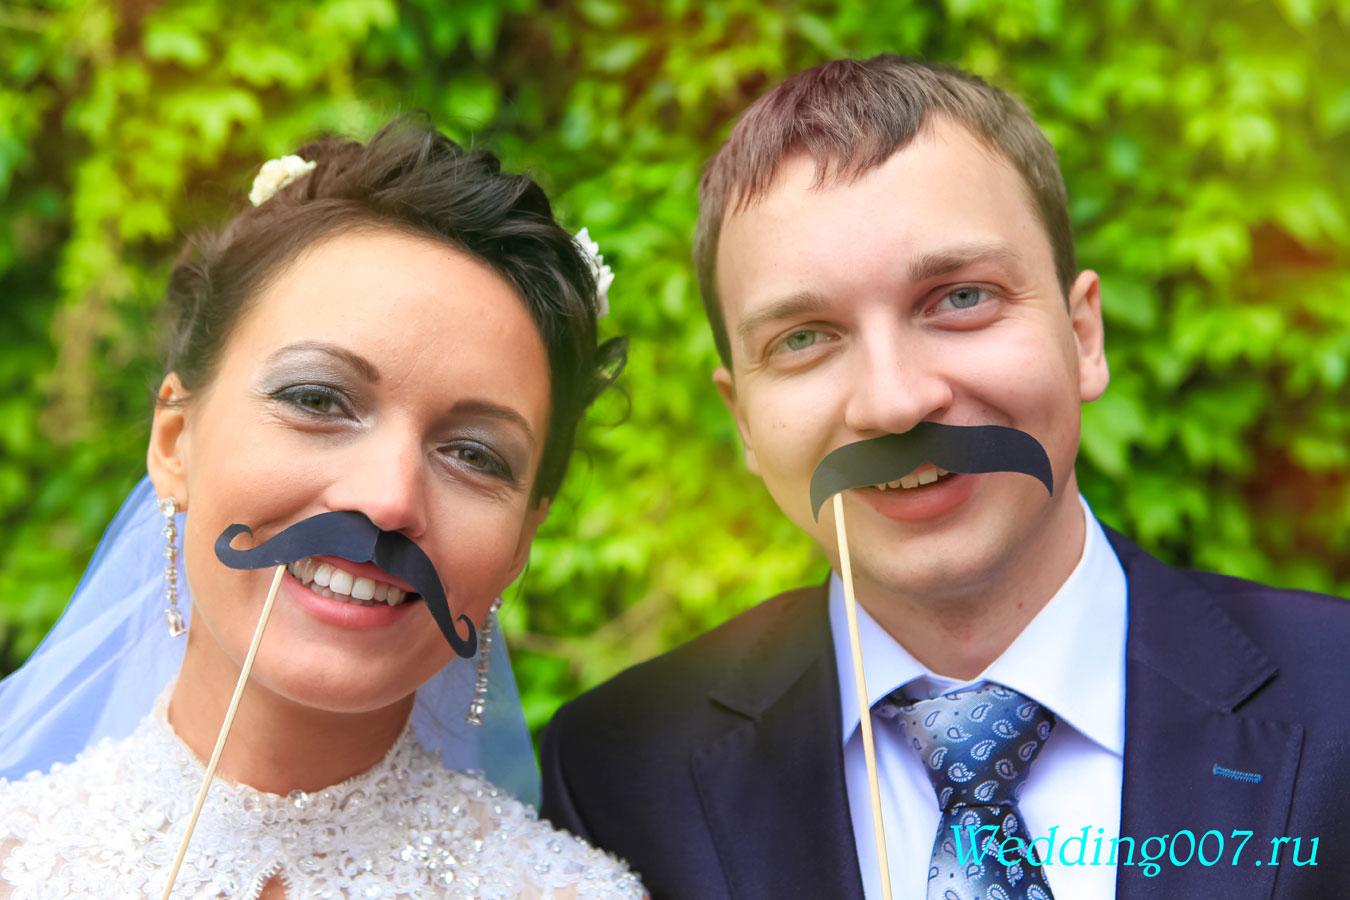 Недорогая видеоосьемка свадьбы в москве